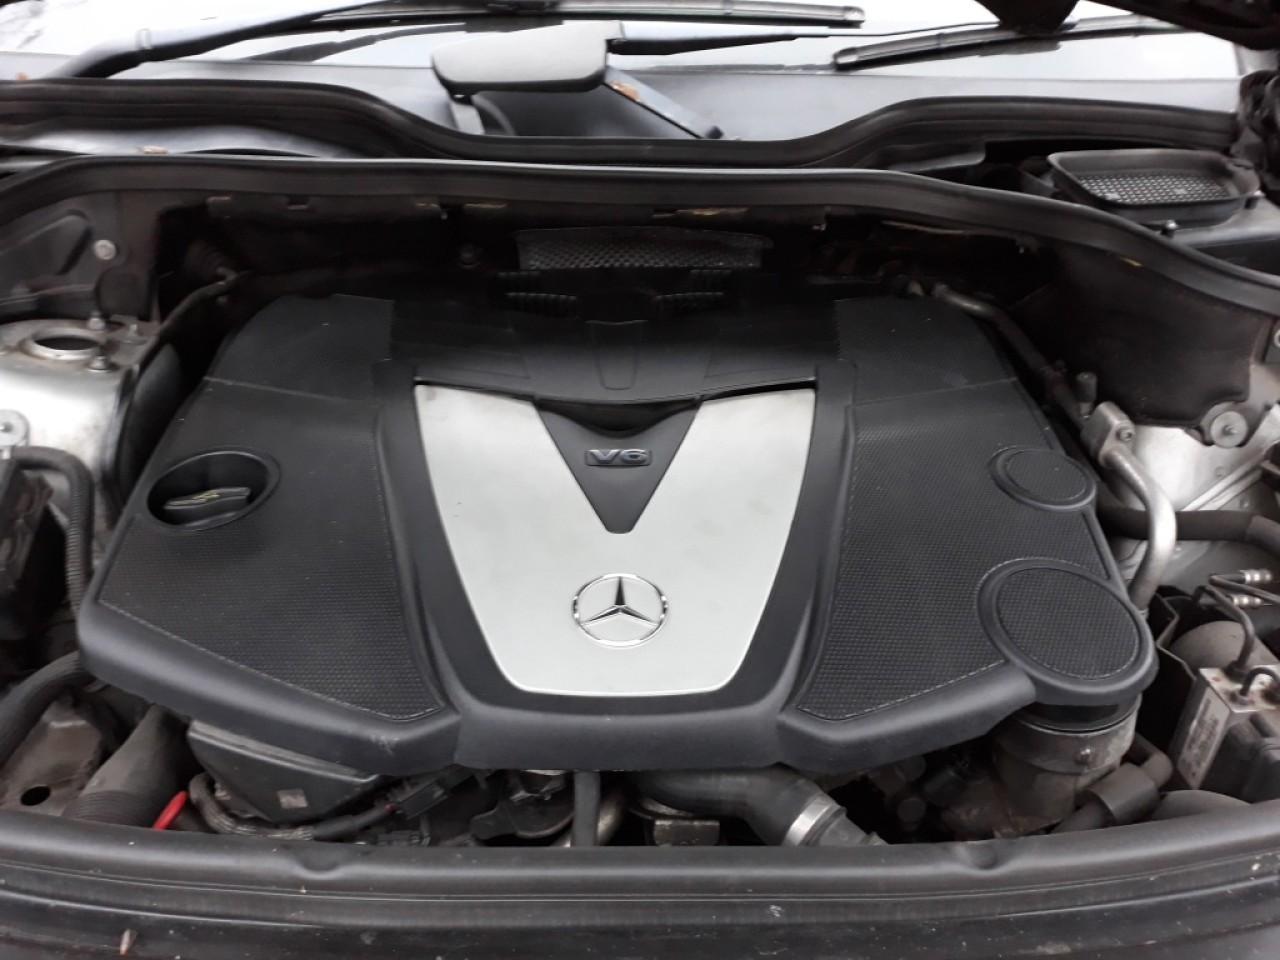 Bara stabilizatoare punte spate Mercedes M-CLASS W164 2007 SUV 3.0